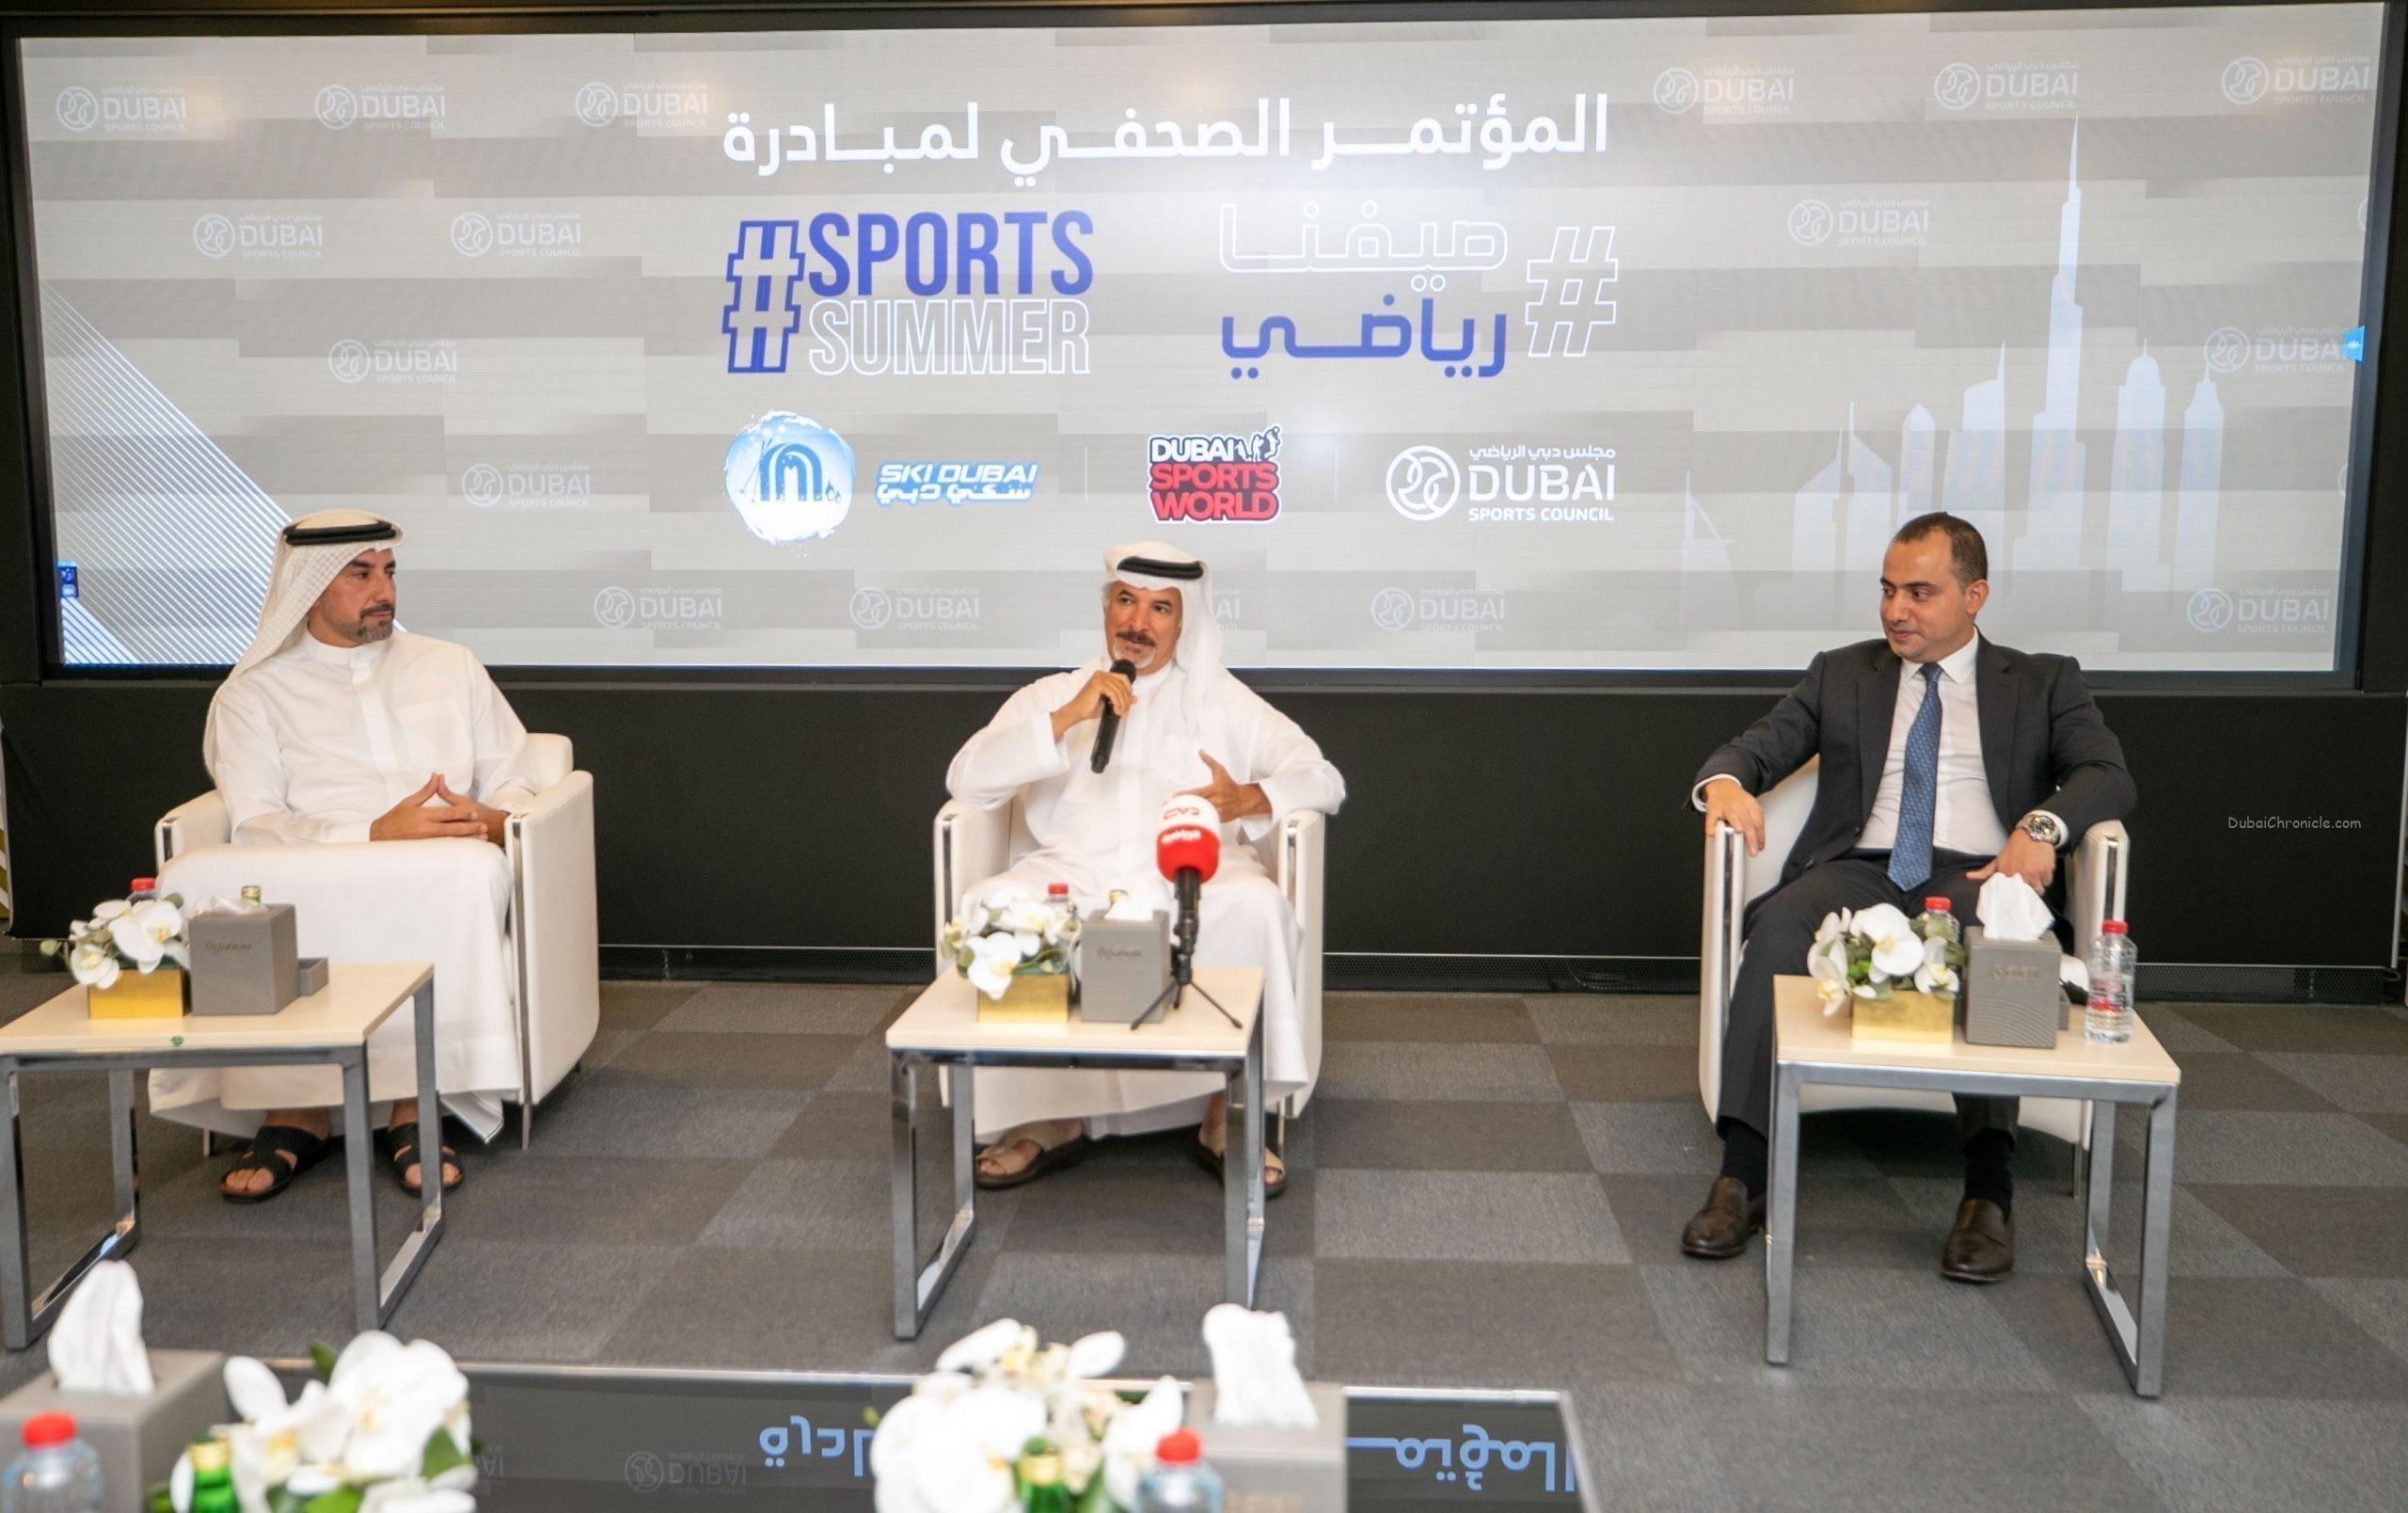 أعلن مجلس دبي الرياضي عن مبادرة جديدة كاملة ،